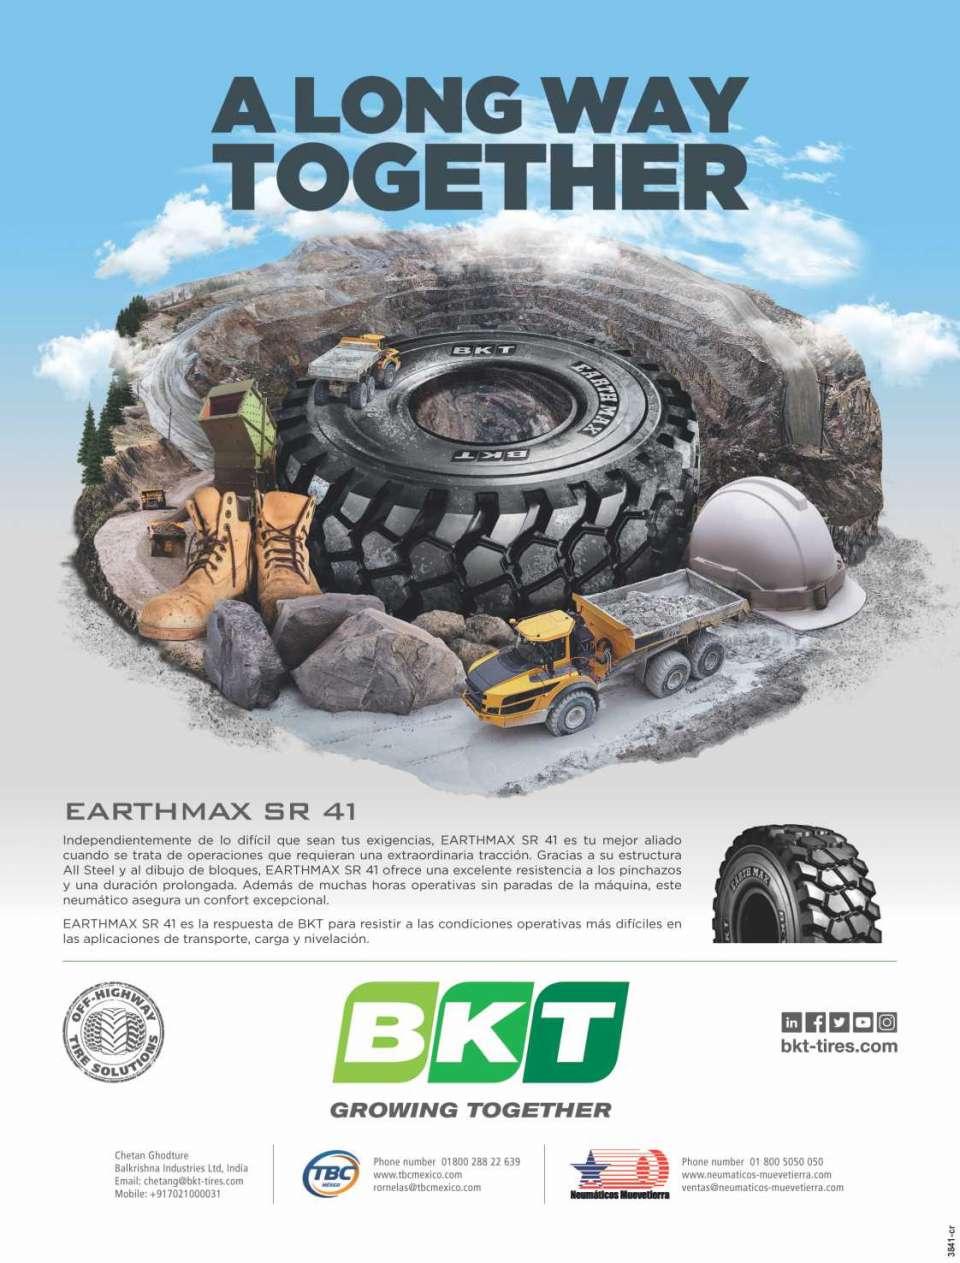 BKT incluye gamas de neumaticos especificos para la construccion y OTR, asi como aplicaciones de transporte y agro-industriales.